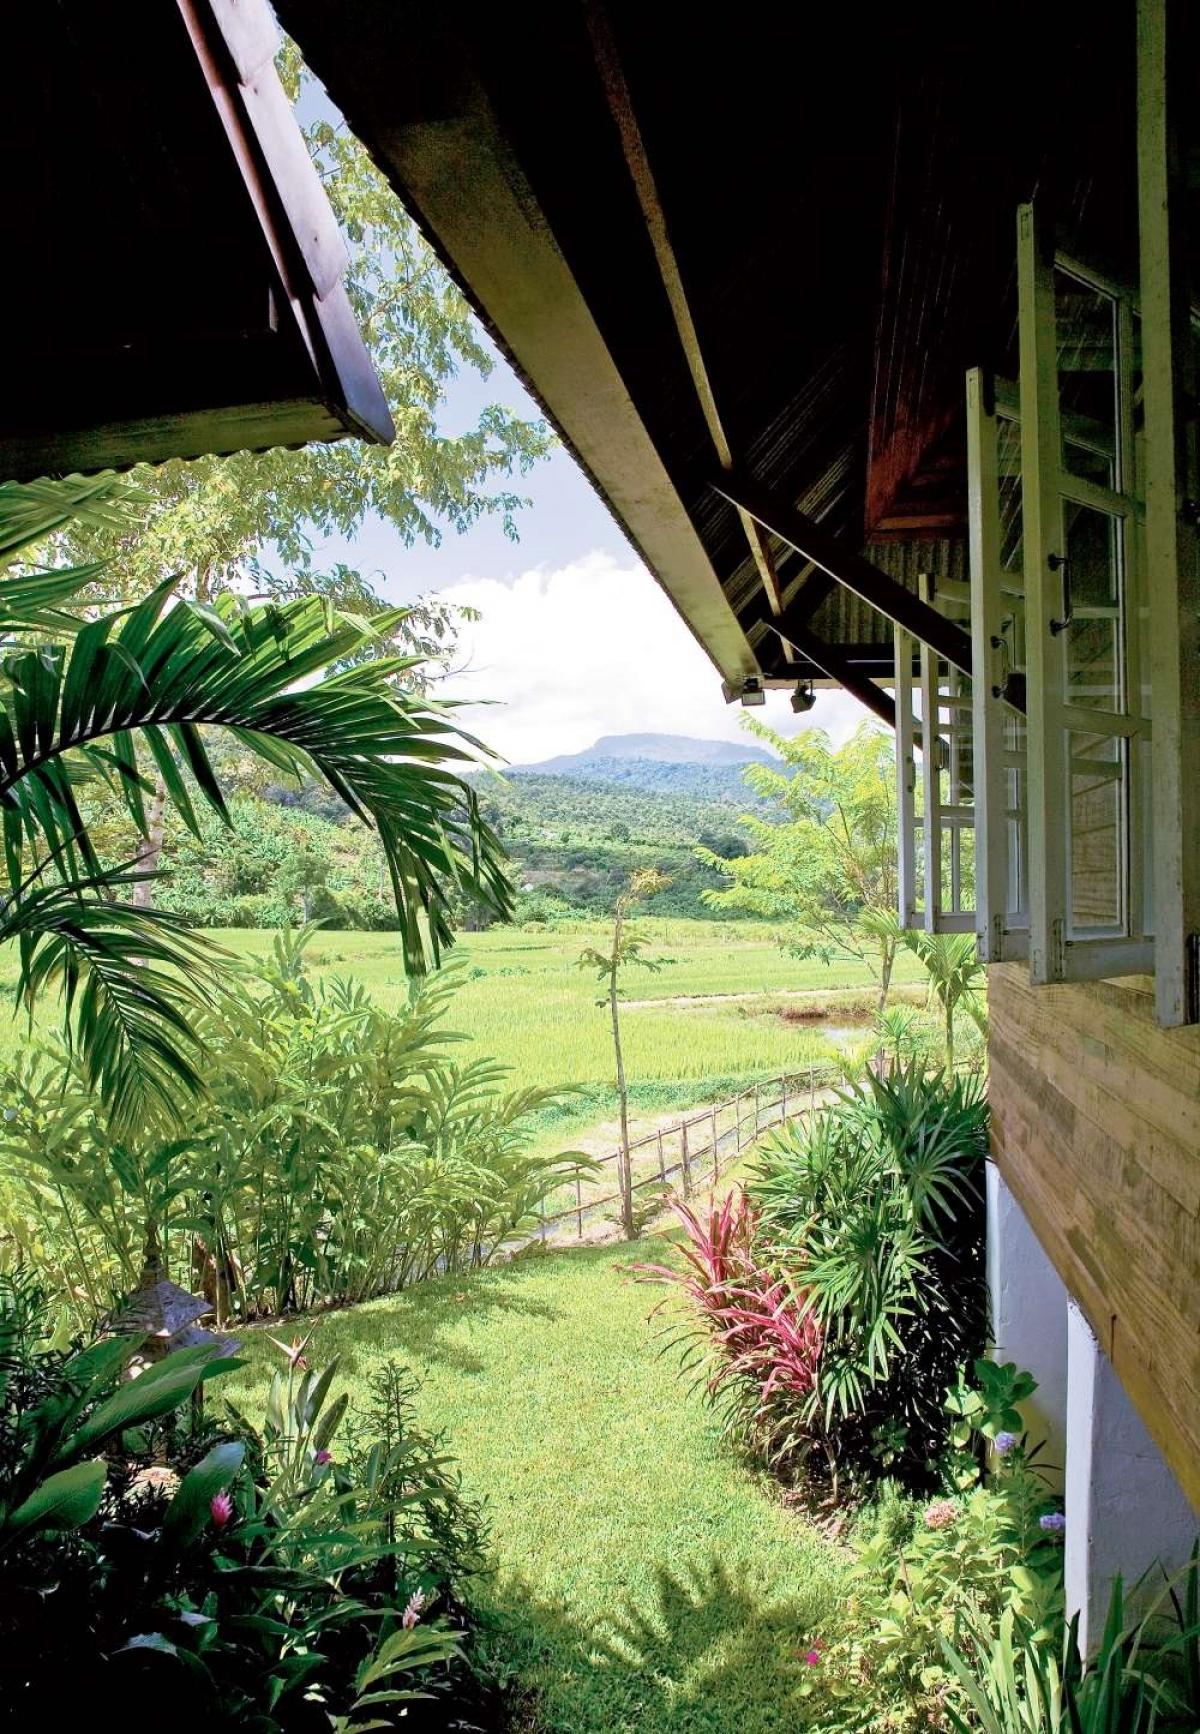 3. Ngôi nhà mơ ước giữa rừng và cánh đồng lúa: Ngôi nhà tọa lạc trên một vị trí đắc địa có tầm nhìn ra cánh đồng lúa xanh ngút tầm mắt, hai bên là khu rừng gỗ tếch.